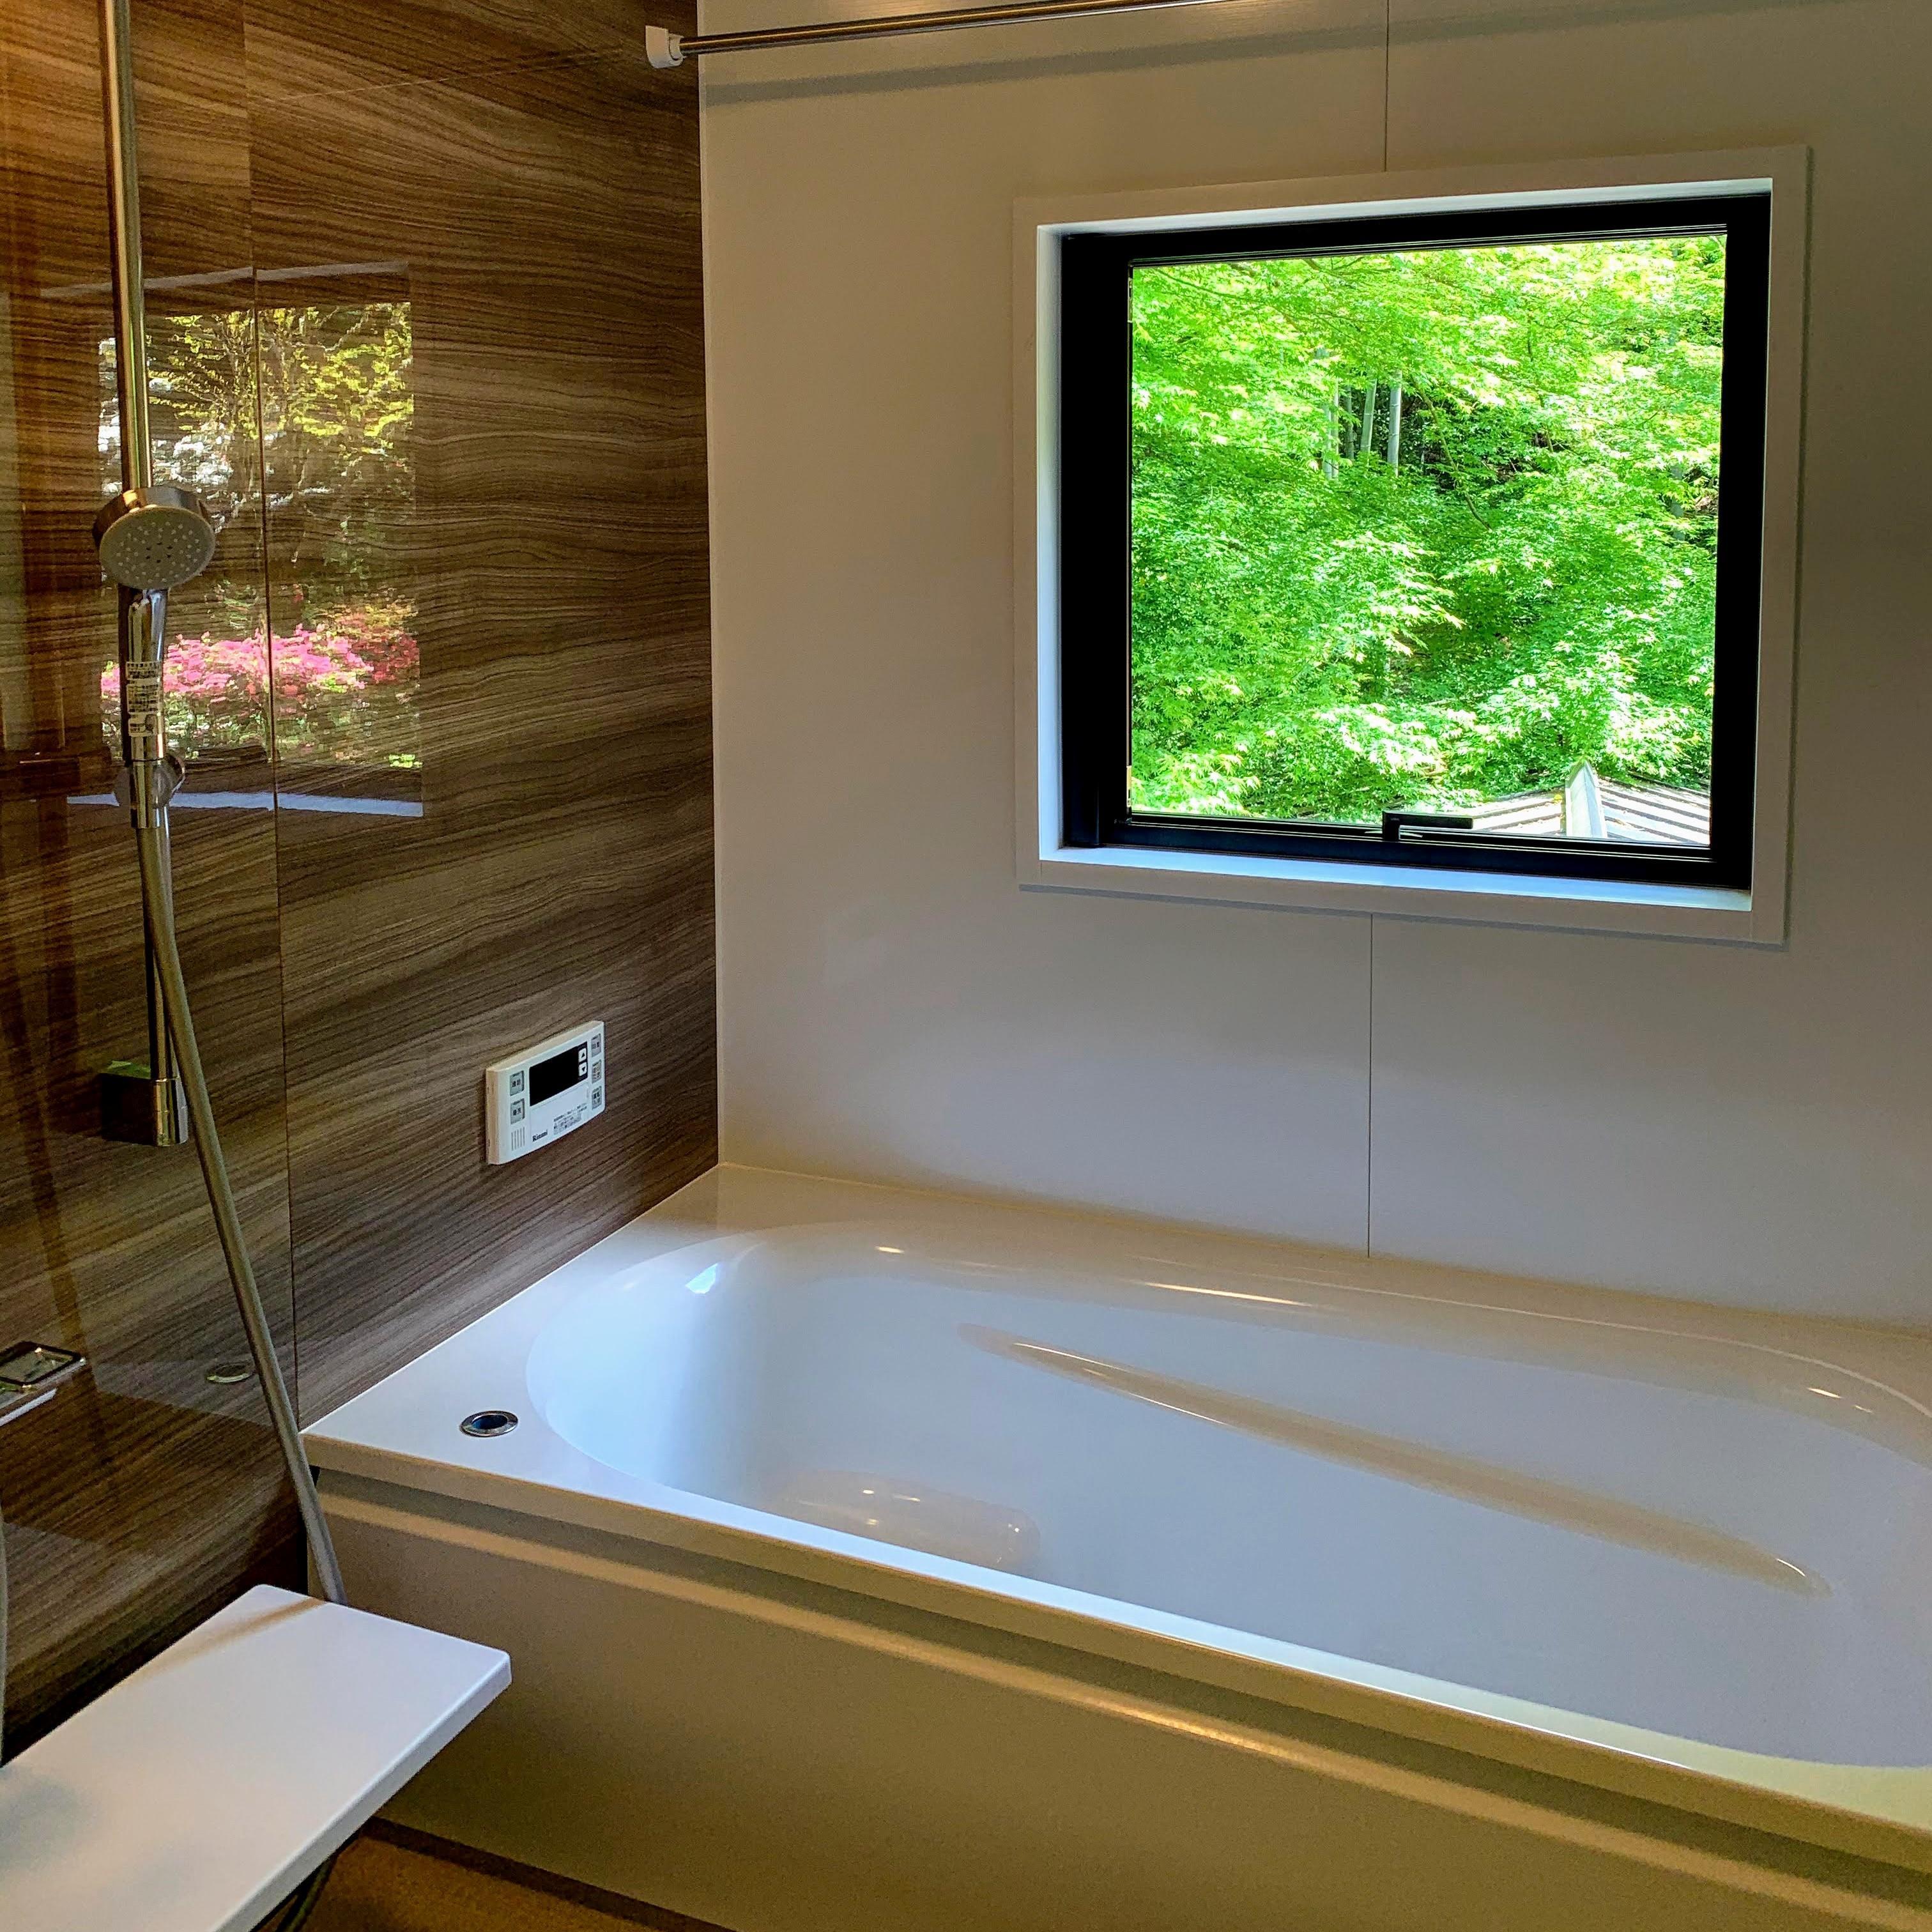 浴室からも庭園を眺めることができます。